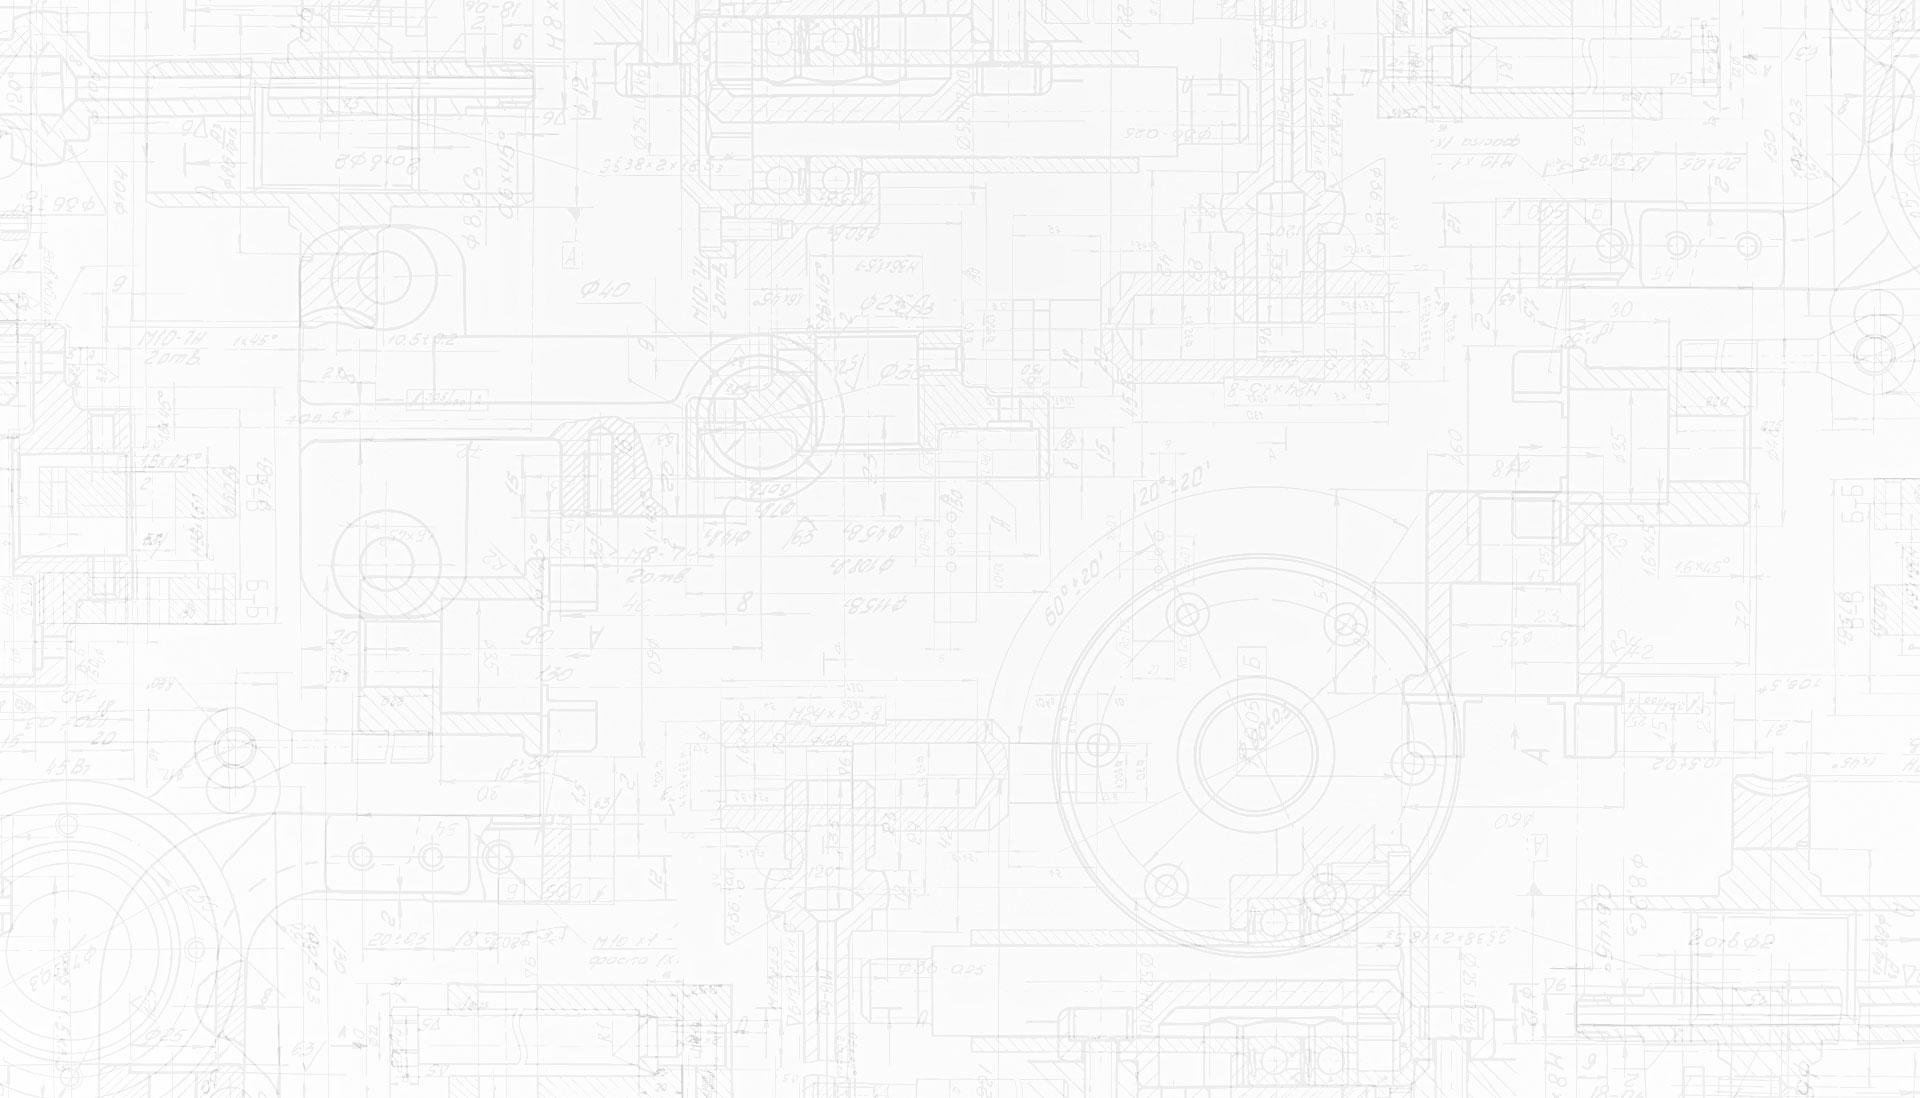 Technische Zeichnung - Industriefedern